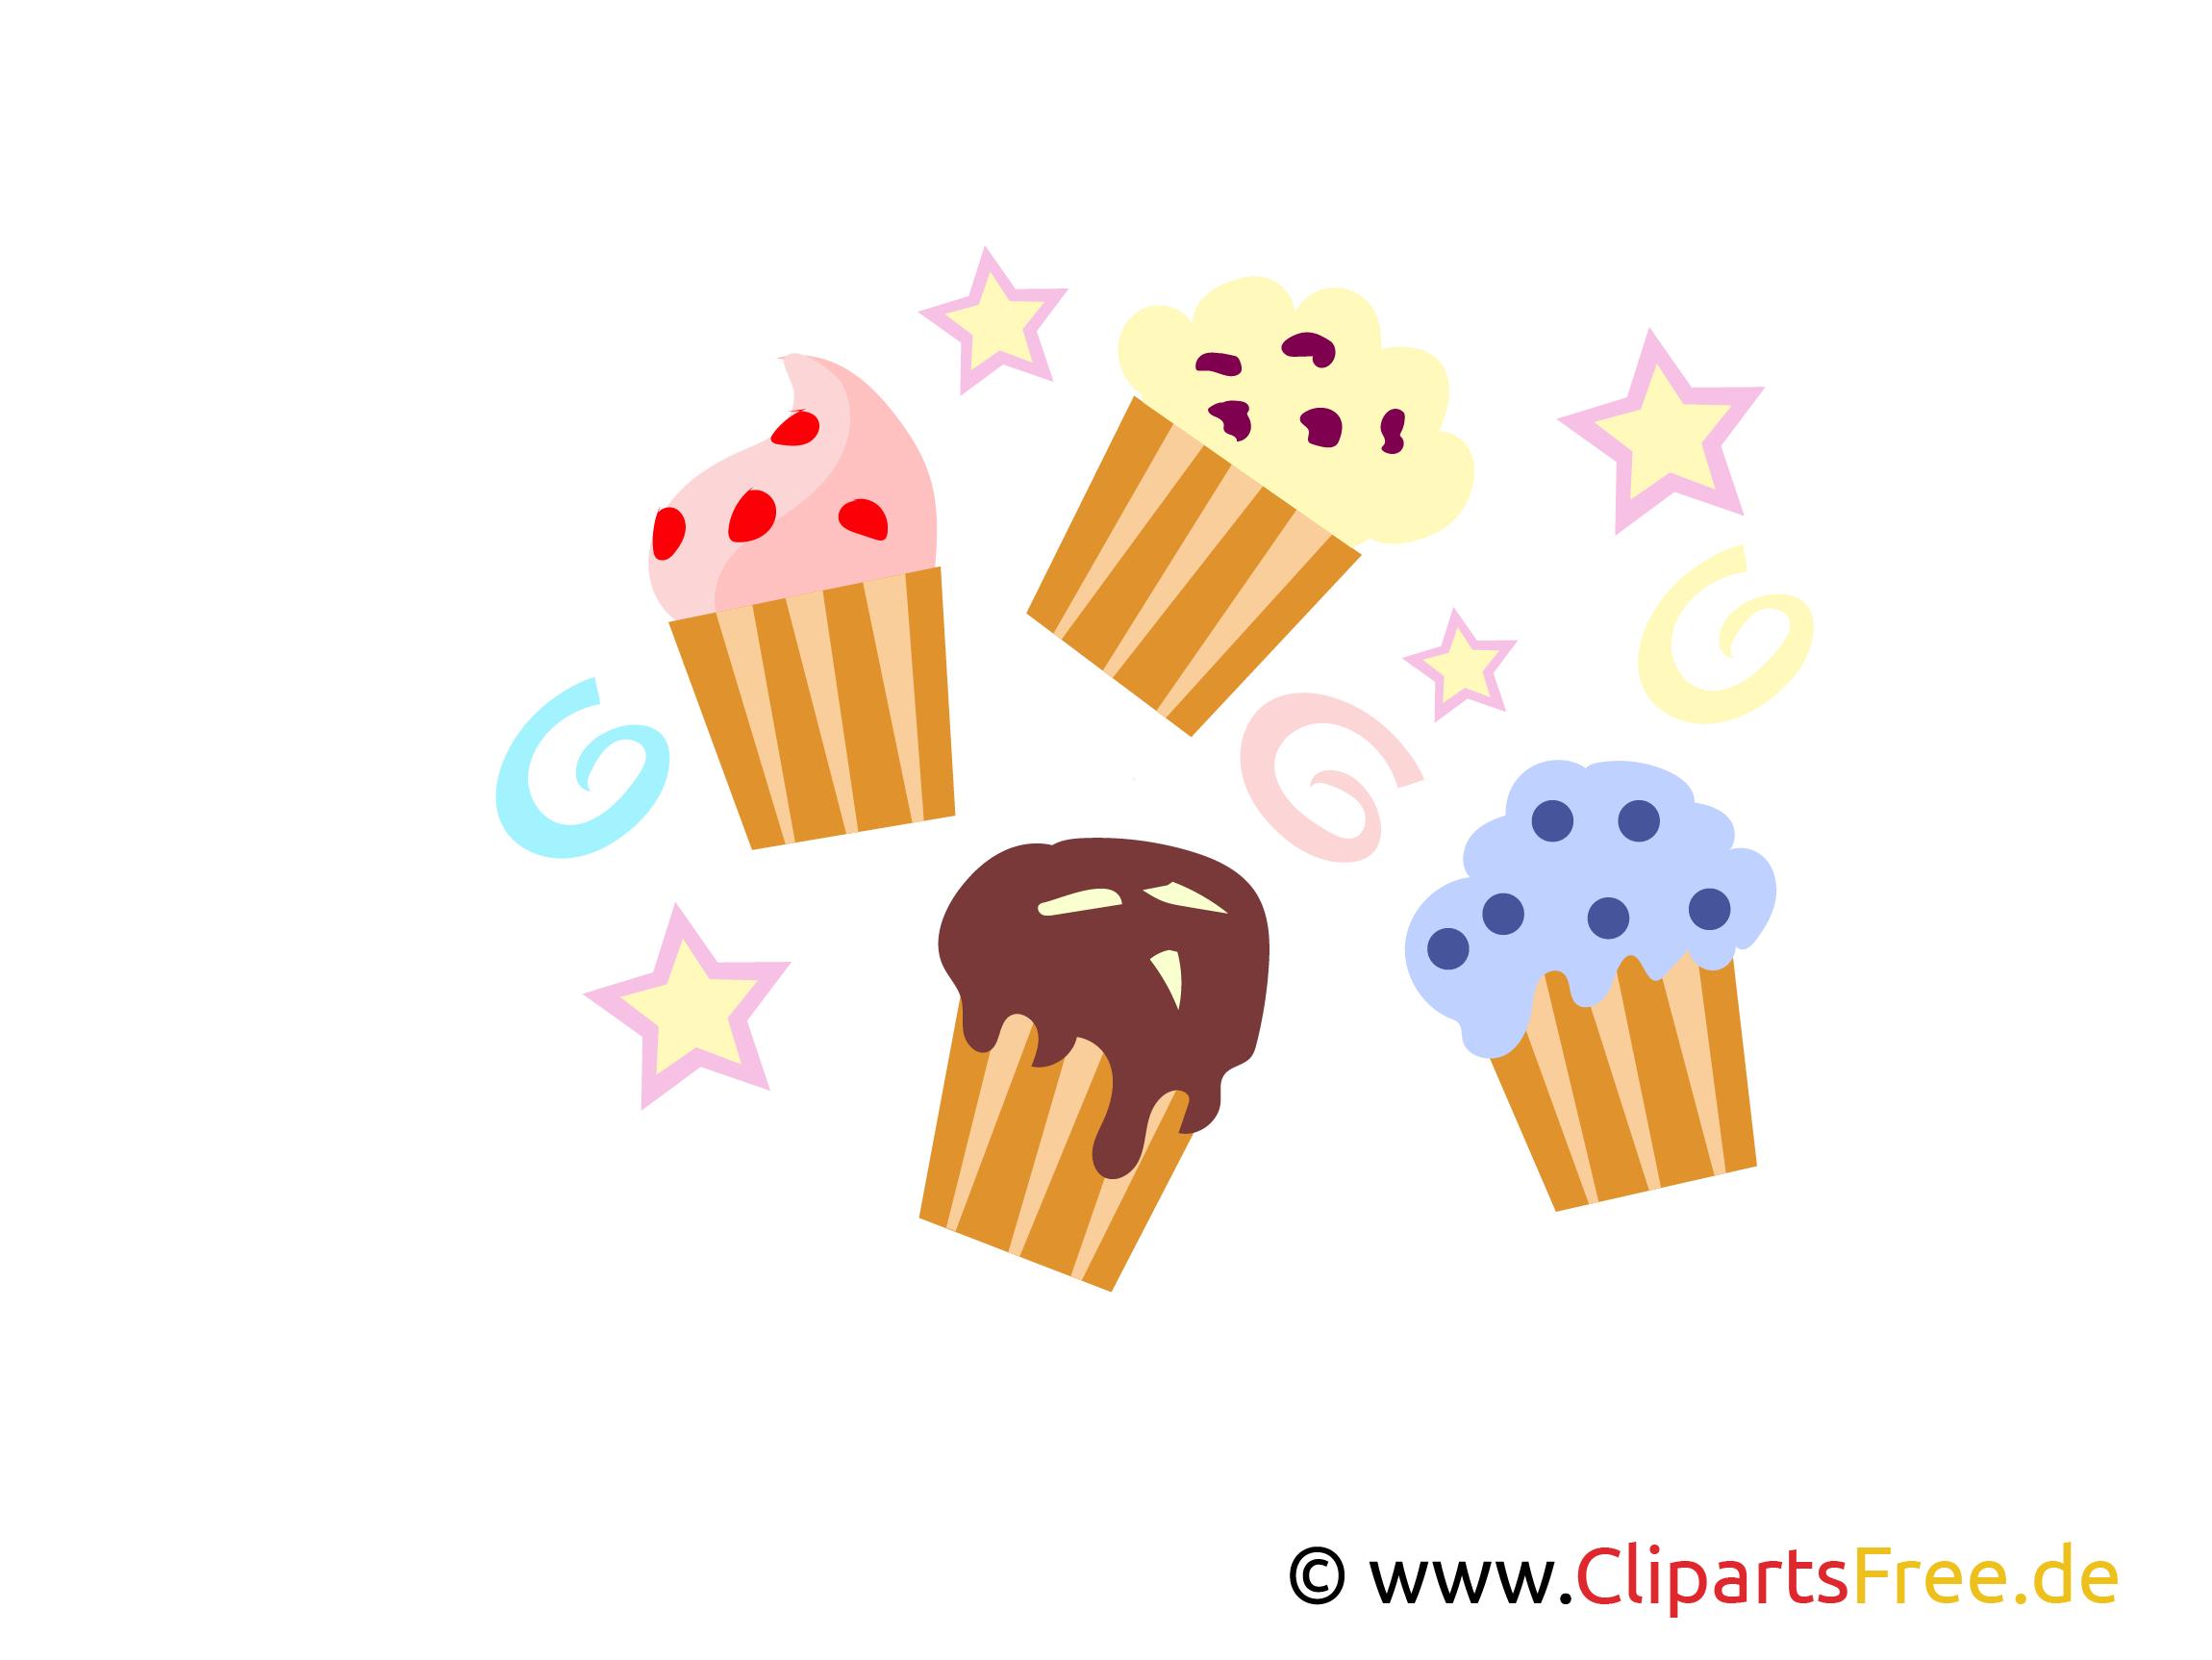 Kleine Kuchen Clipart Bilder Images Illustrationen Kostenlos